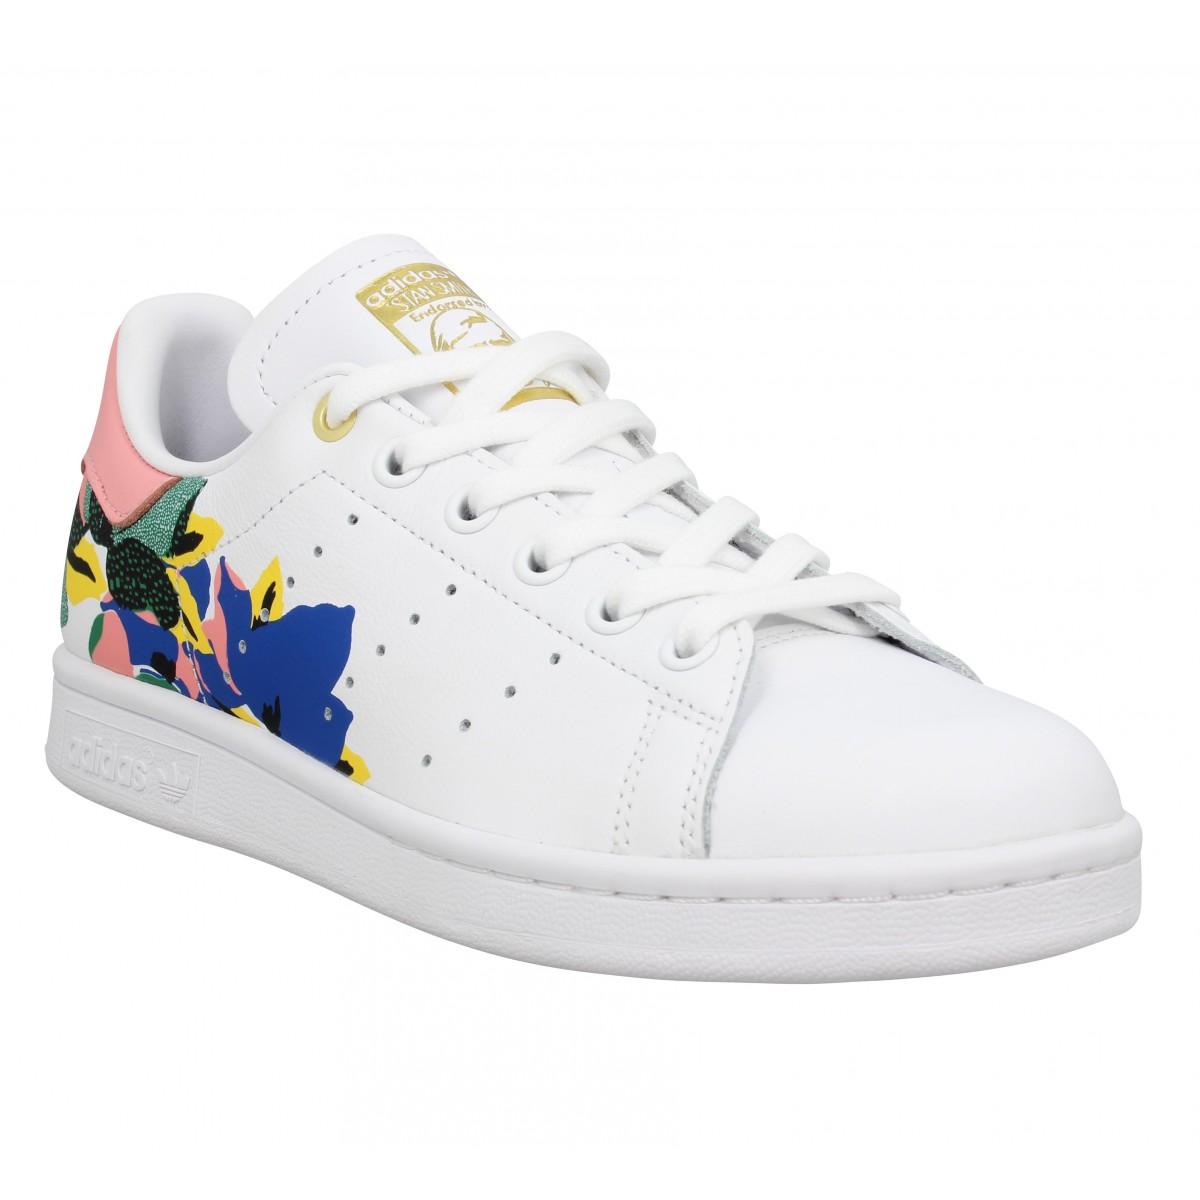 Adidas Femme Stan Smith Cuir -36...